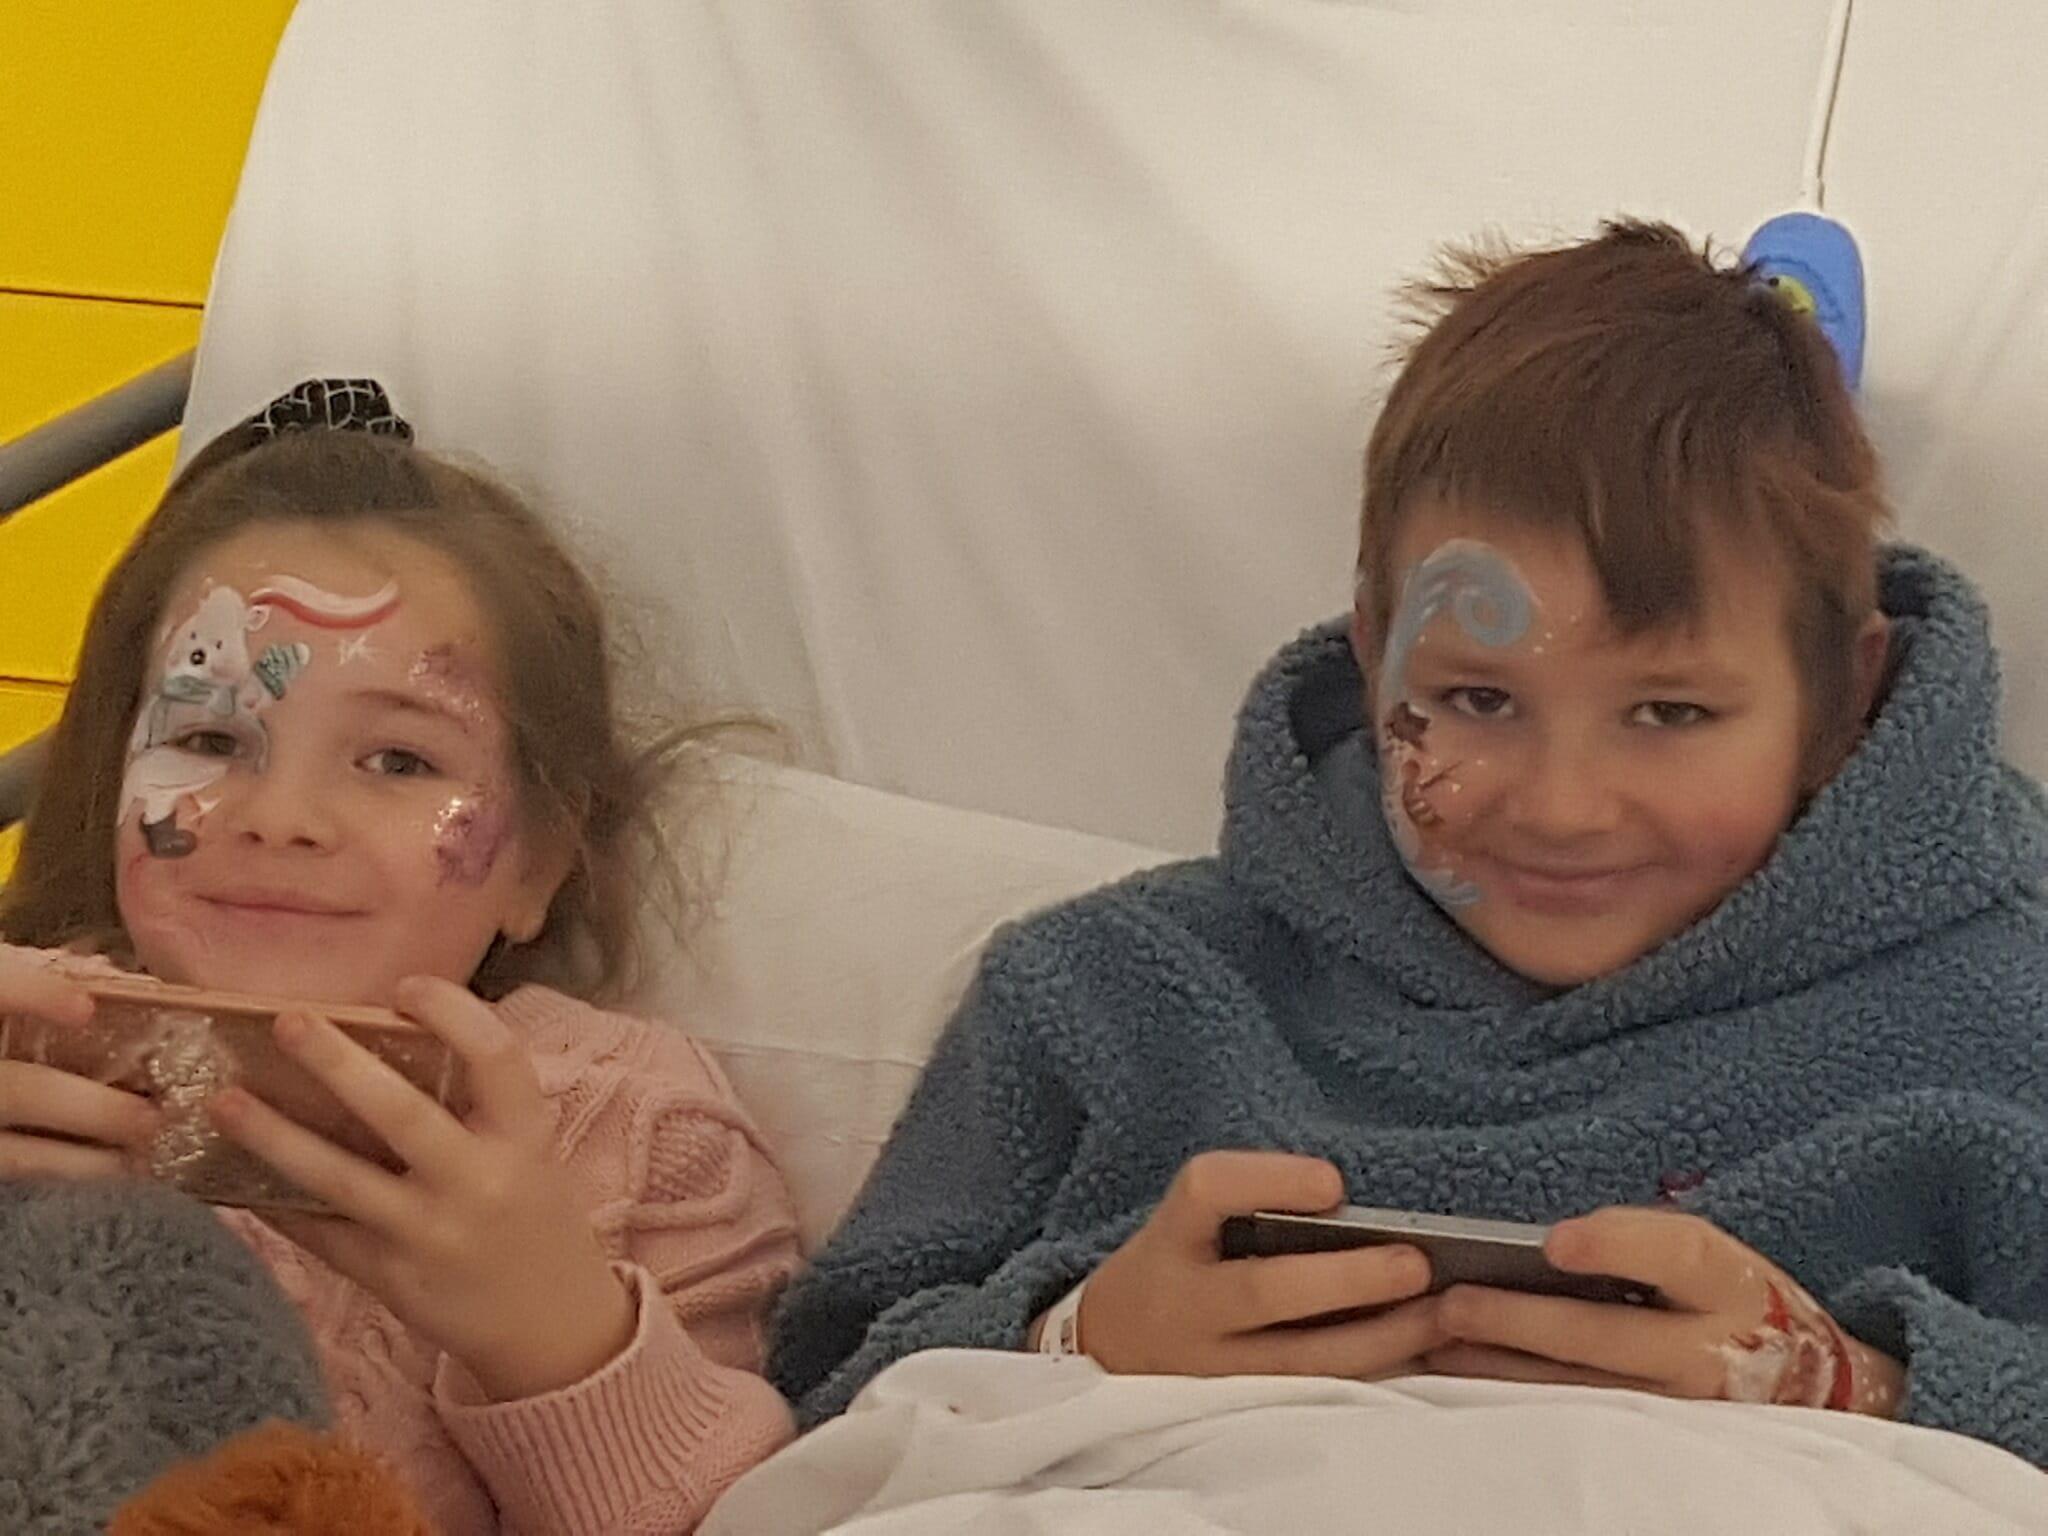 dzieci z pomalowanymi twarzami leżą w łóżku